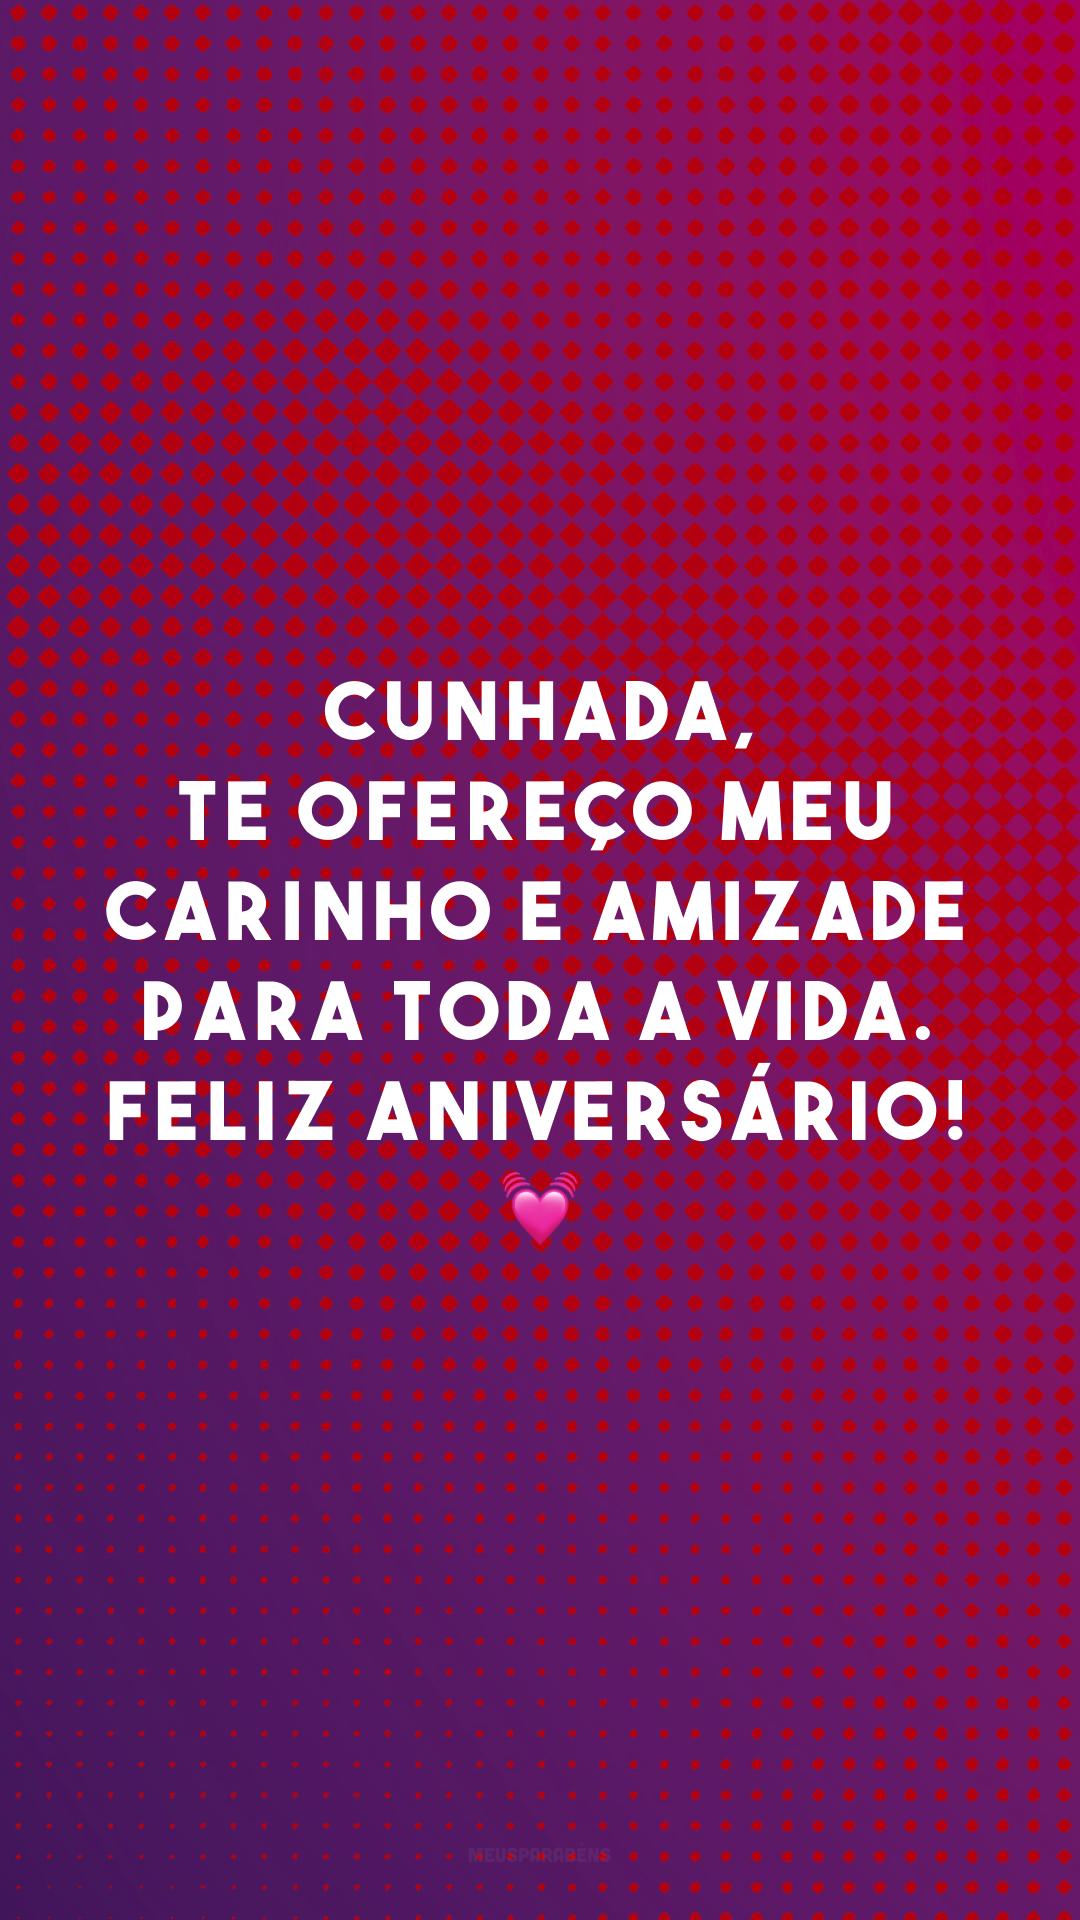 Cunhada, te ofereço meu carinho e amizade para toda a vida. Feliz aniversário! 💓